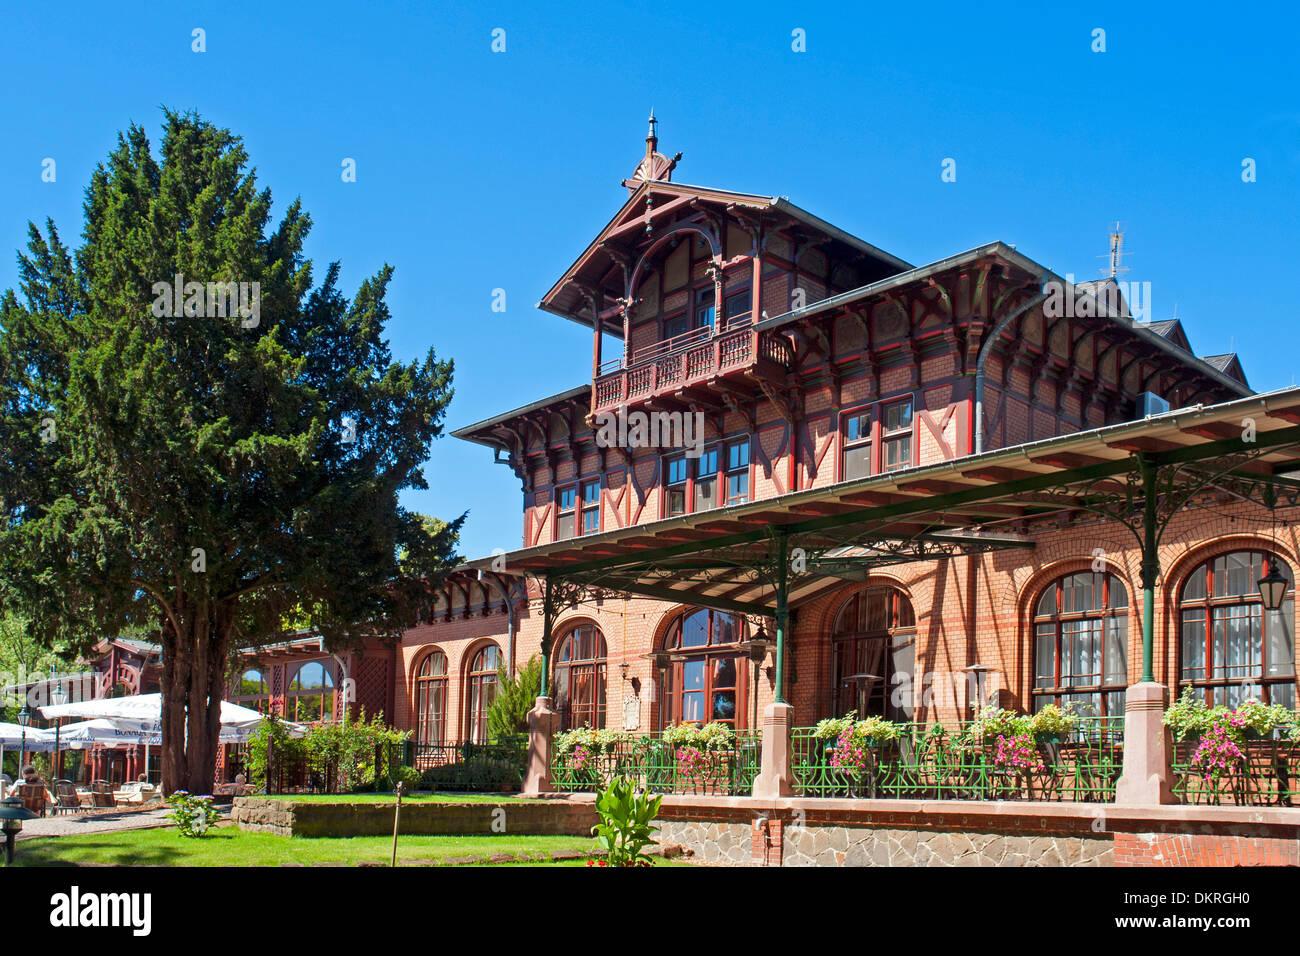 Architektur Magdeburg europa deutschland sachsen anhalt magdeburg herrenkrug park hotel